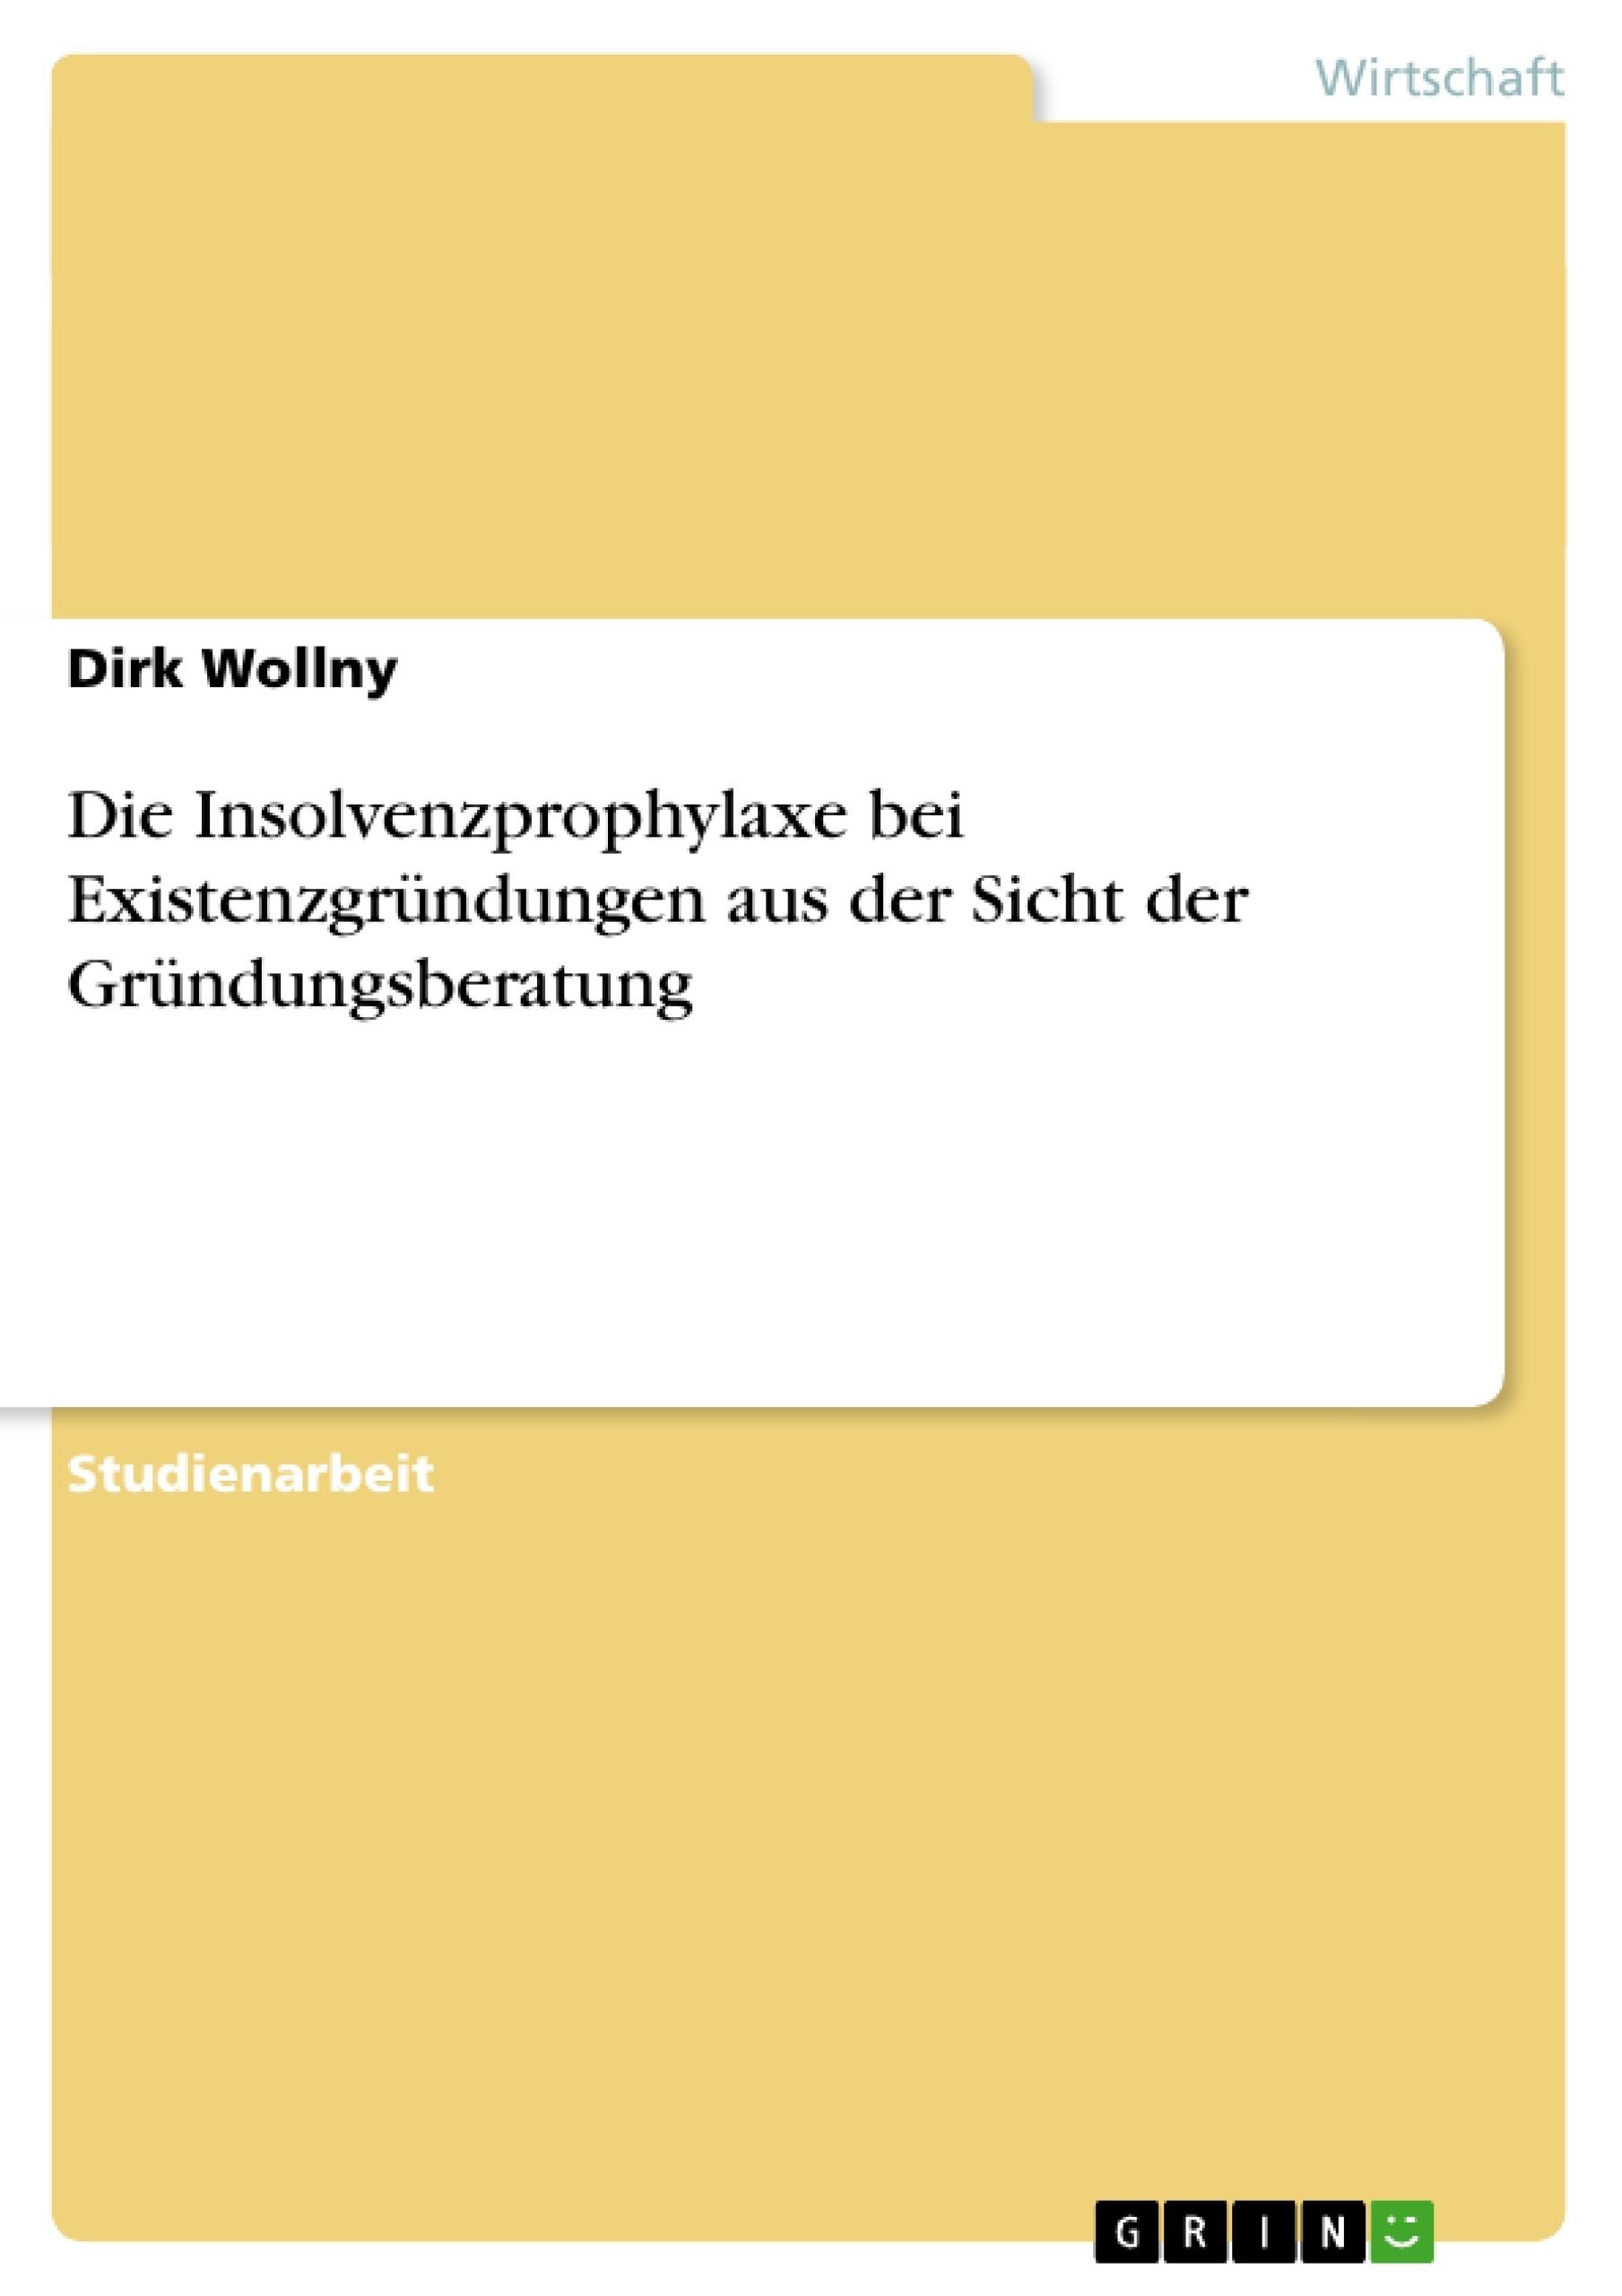 Titel: Die Insolvenzprophylaxe bei Existenzgründungen aus der Sicht der Gründungsberatung